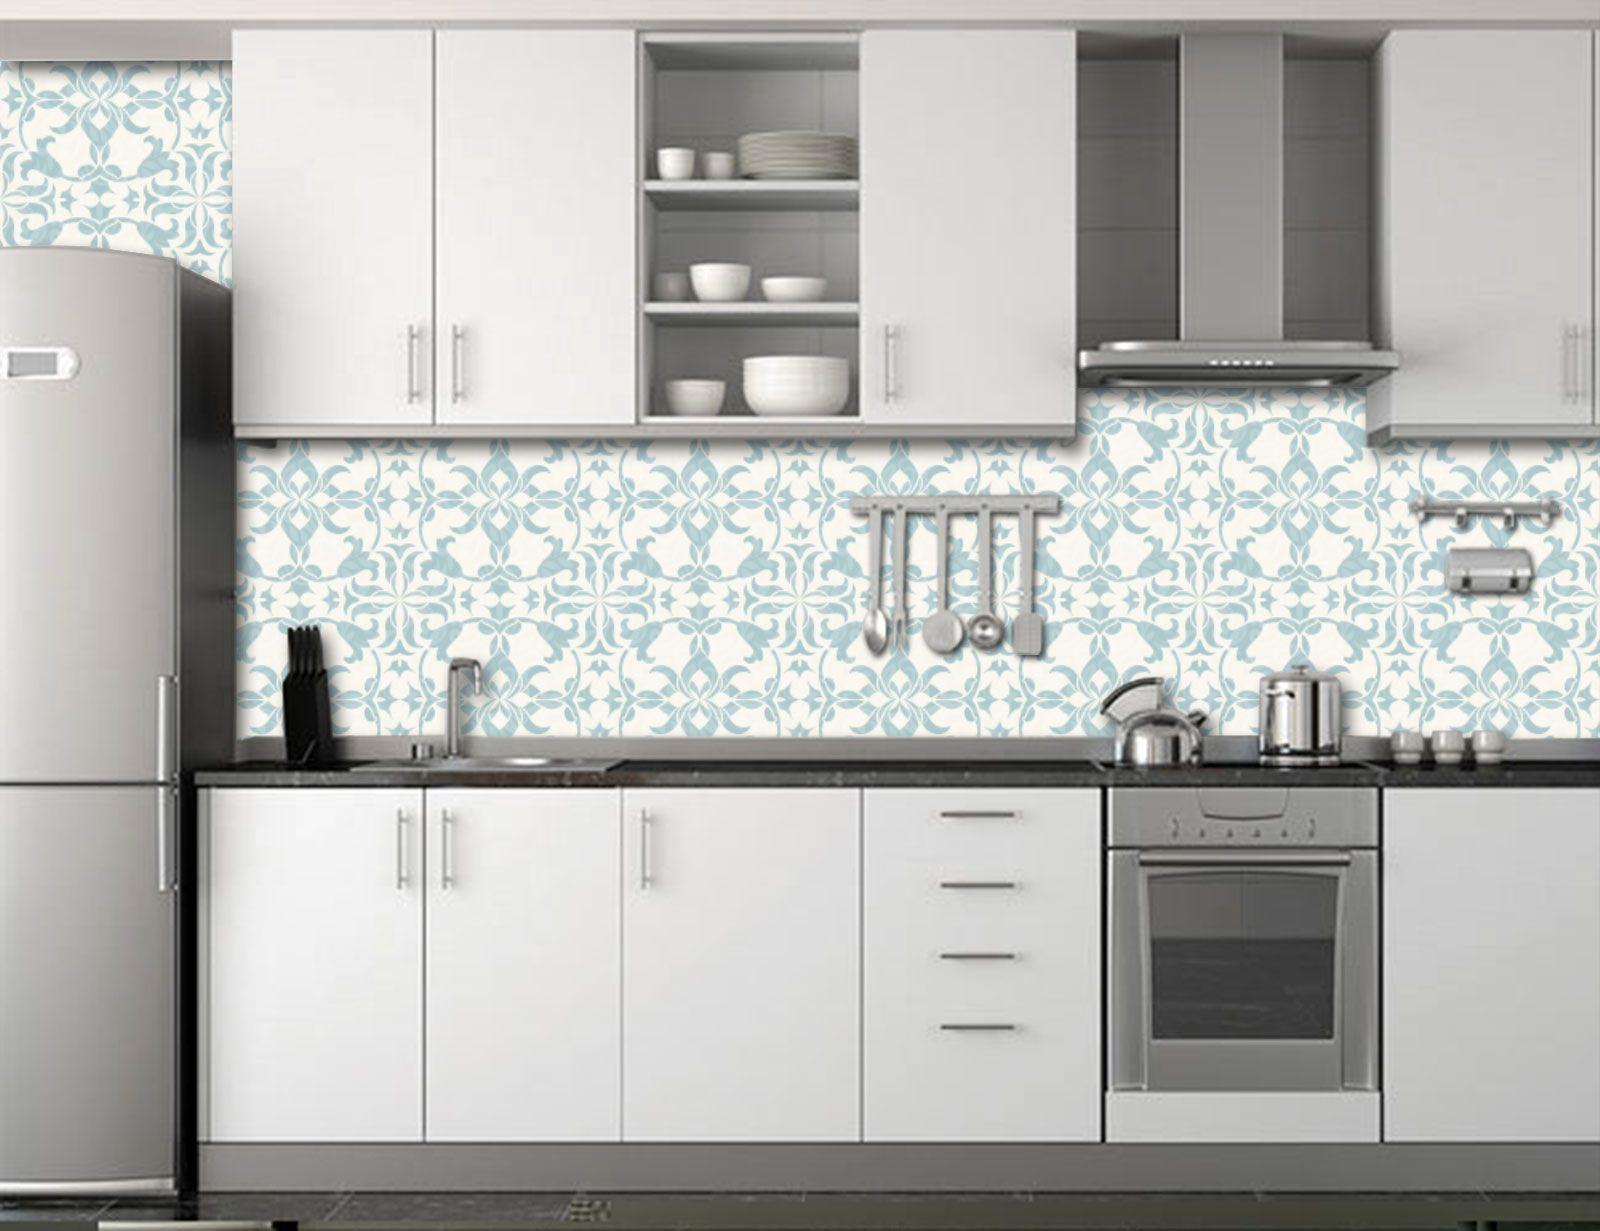 Papel de Parede para Cozinha Azulejos 0024 - Adesivos de Parede  - Paredes Decoradas